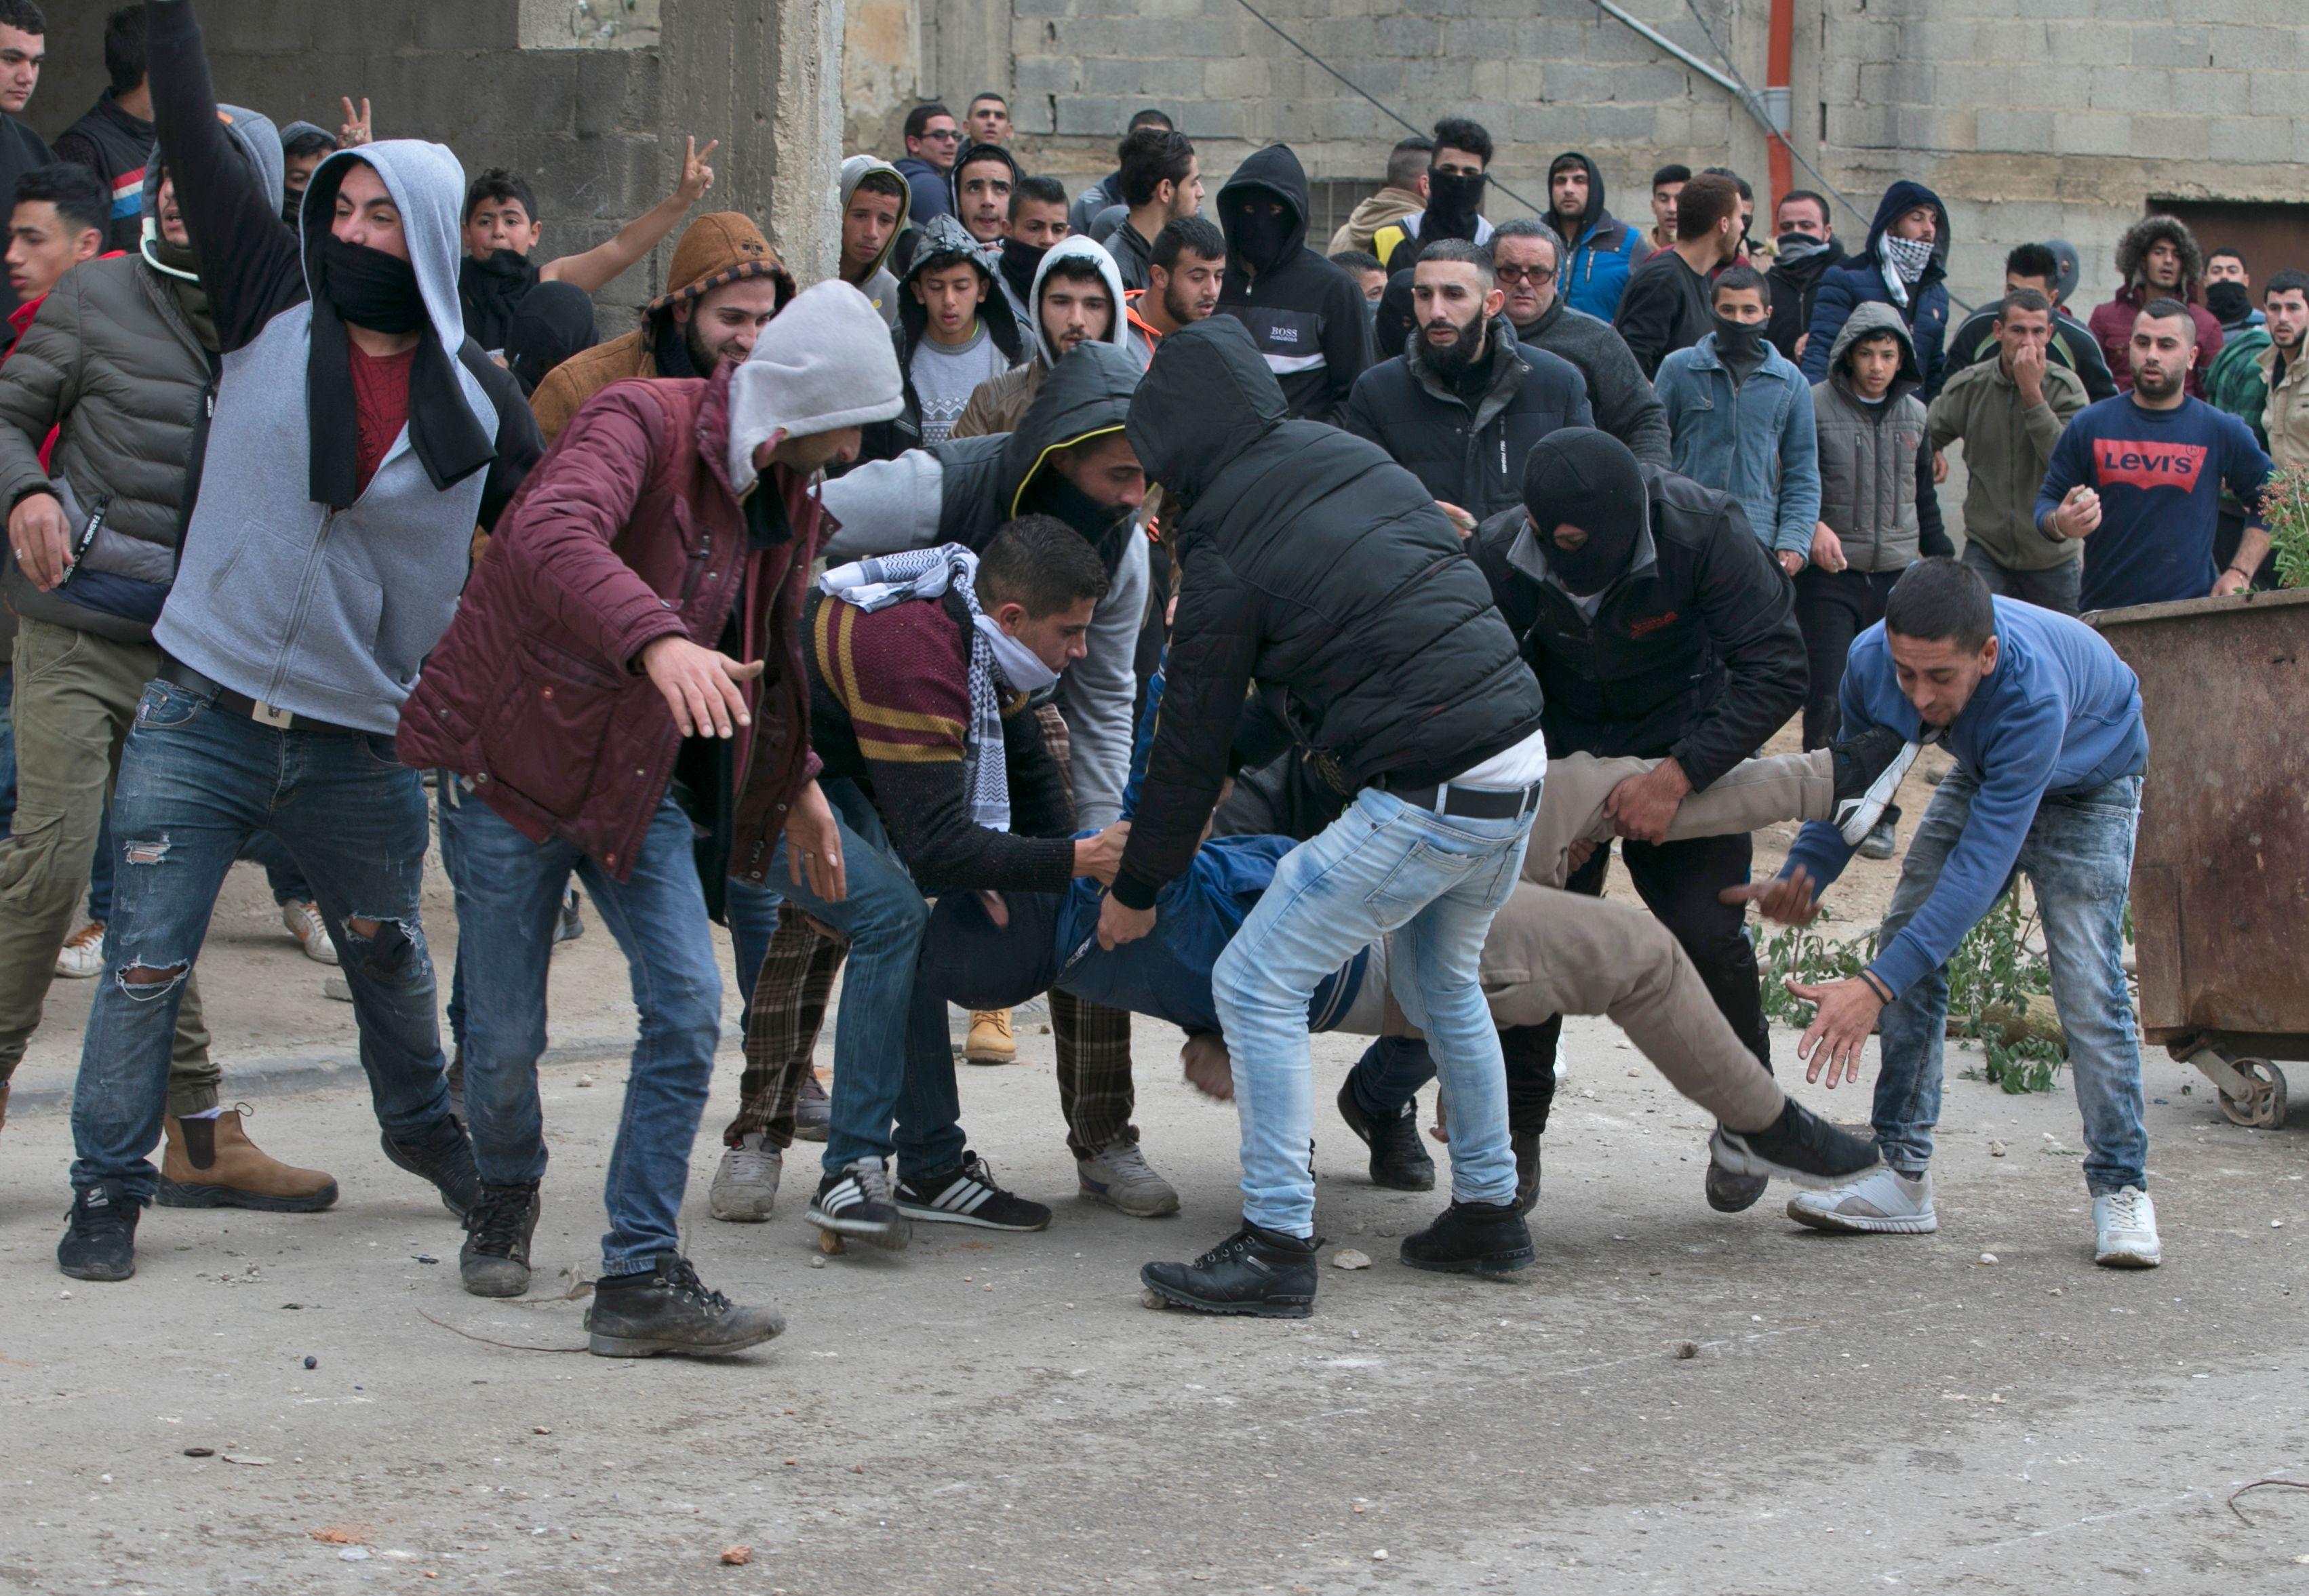 متظاهرون فلسطينيون ينقلون زميلهم المصاب خلال مواجهة الاحتلال